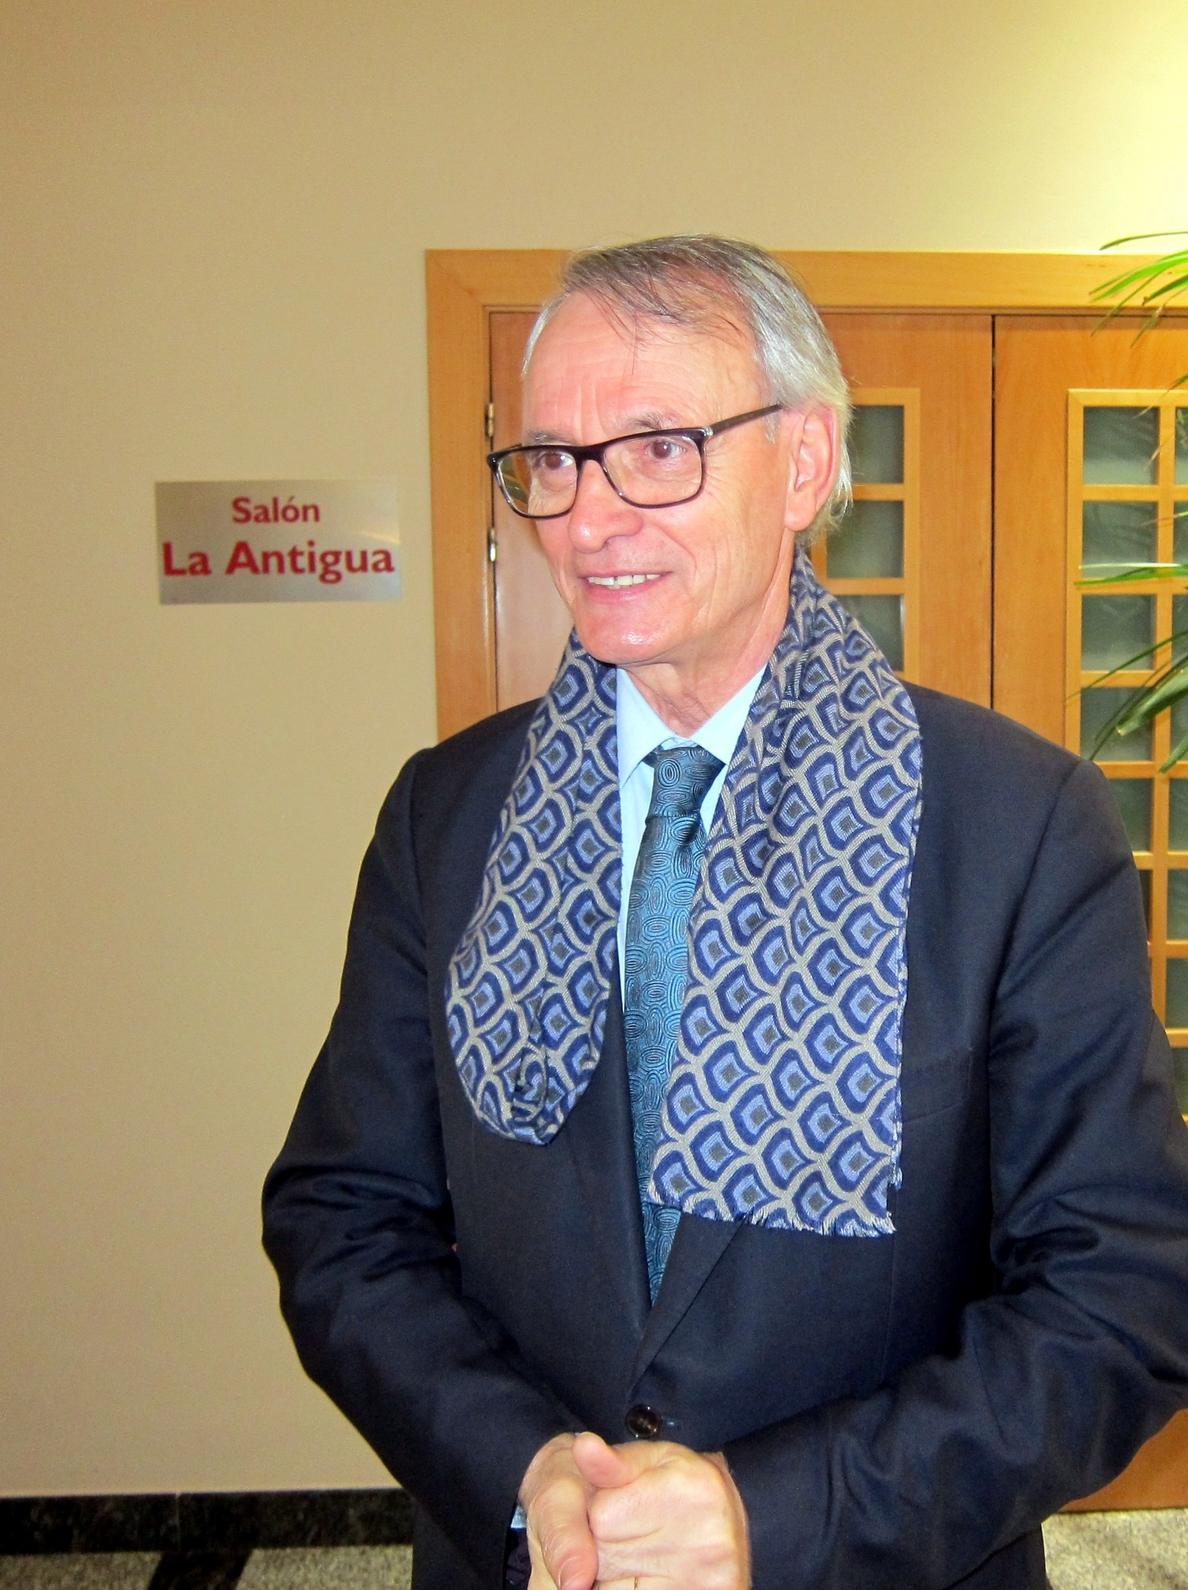 El presidente del CERCLE afirma que su propuesta de Estatuto para Cataluña «no es una pirueta»